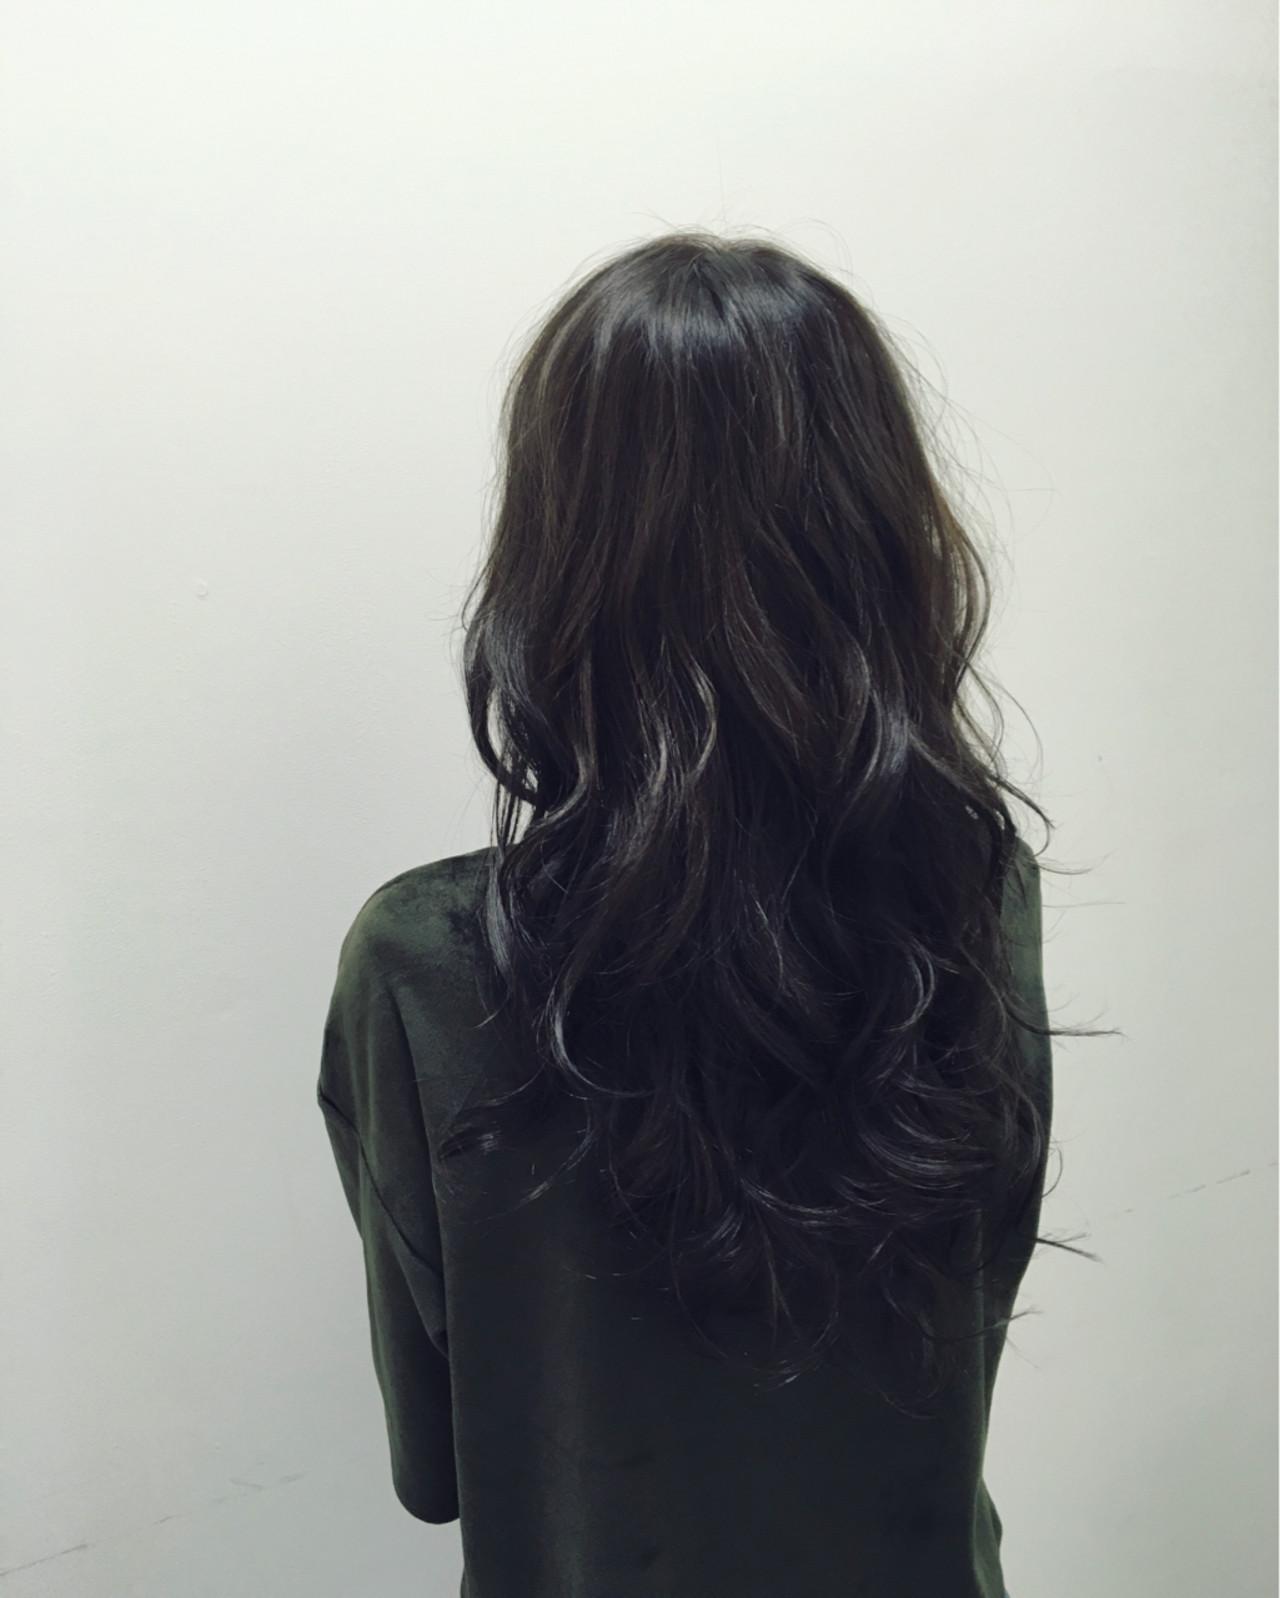 黒髪 アッシュブラック 暗髪 ロング ヘアスタイルや髪型の写真・画像